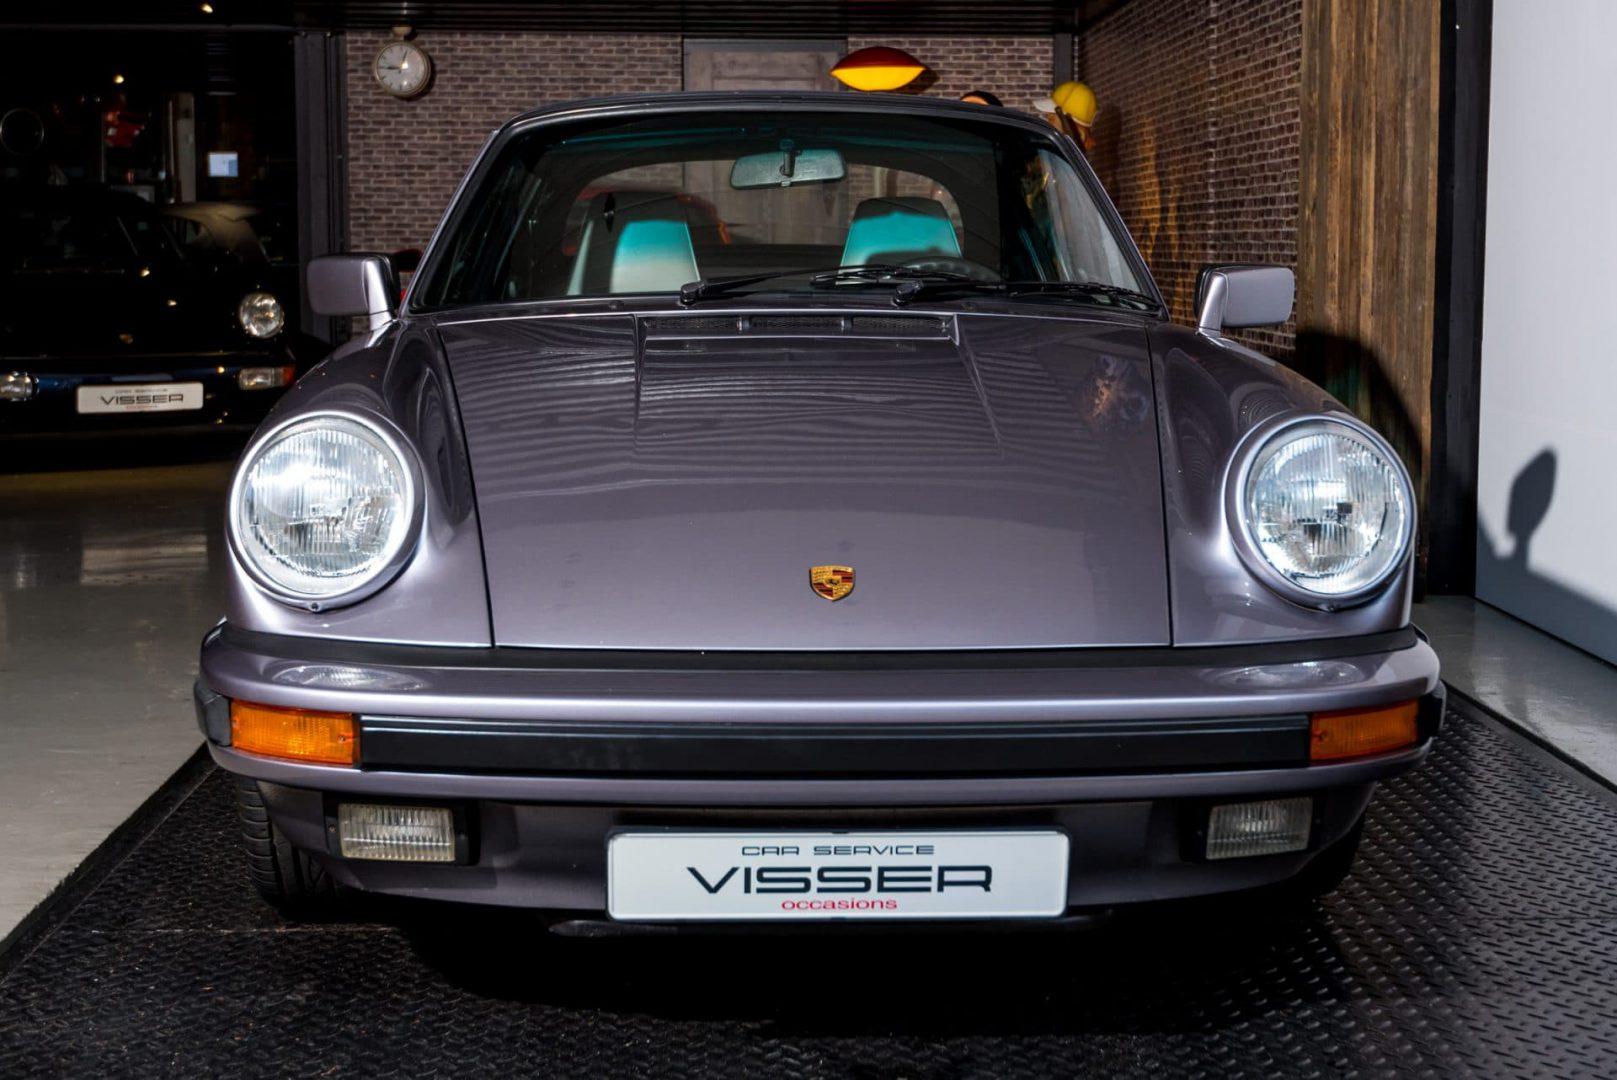 Porsche 911 G50 3.2 handgeschakelde cabriolet Diamantblau-met.